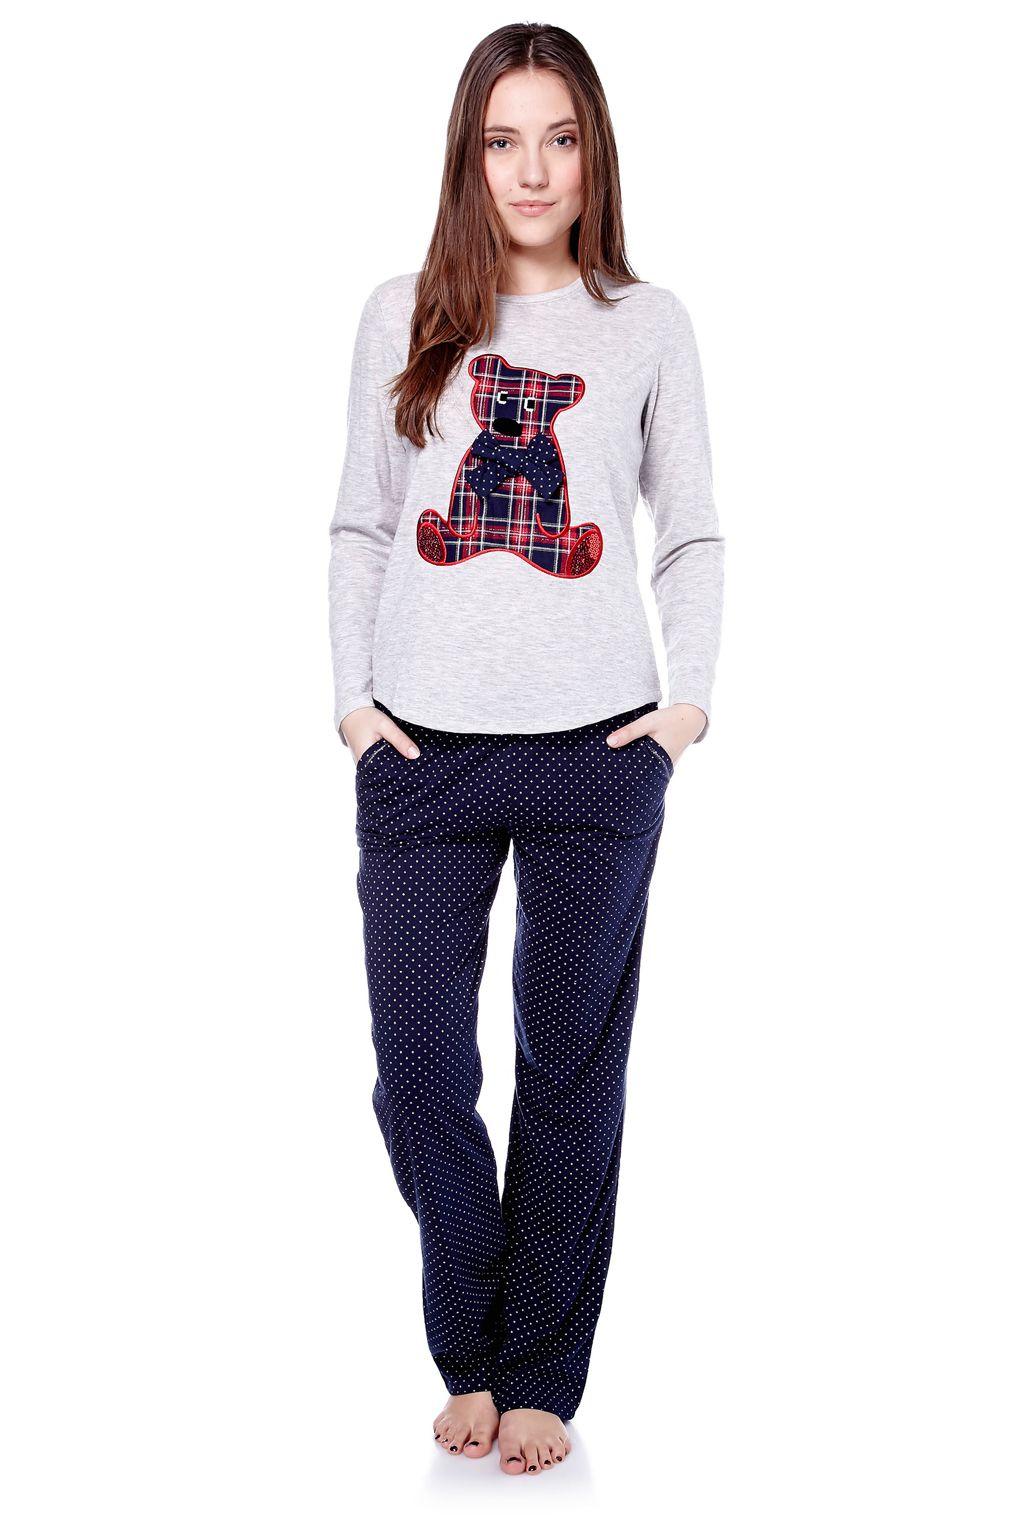 Vente Etam   Homewear   Pyjamas   Ensemble 2 Pièces Teddy Blue Marine   Gris 79b4e3825d9e